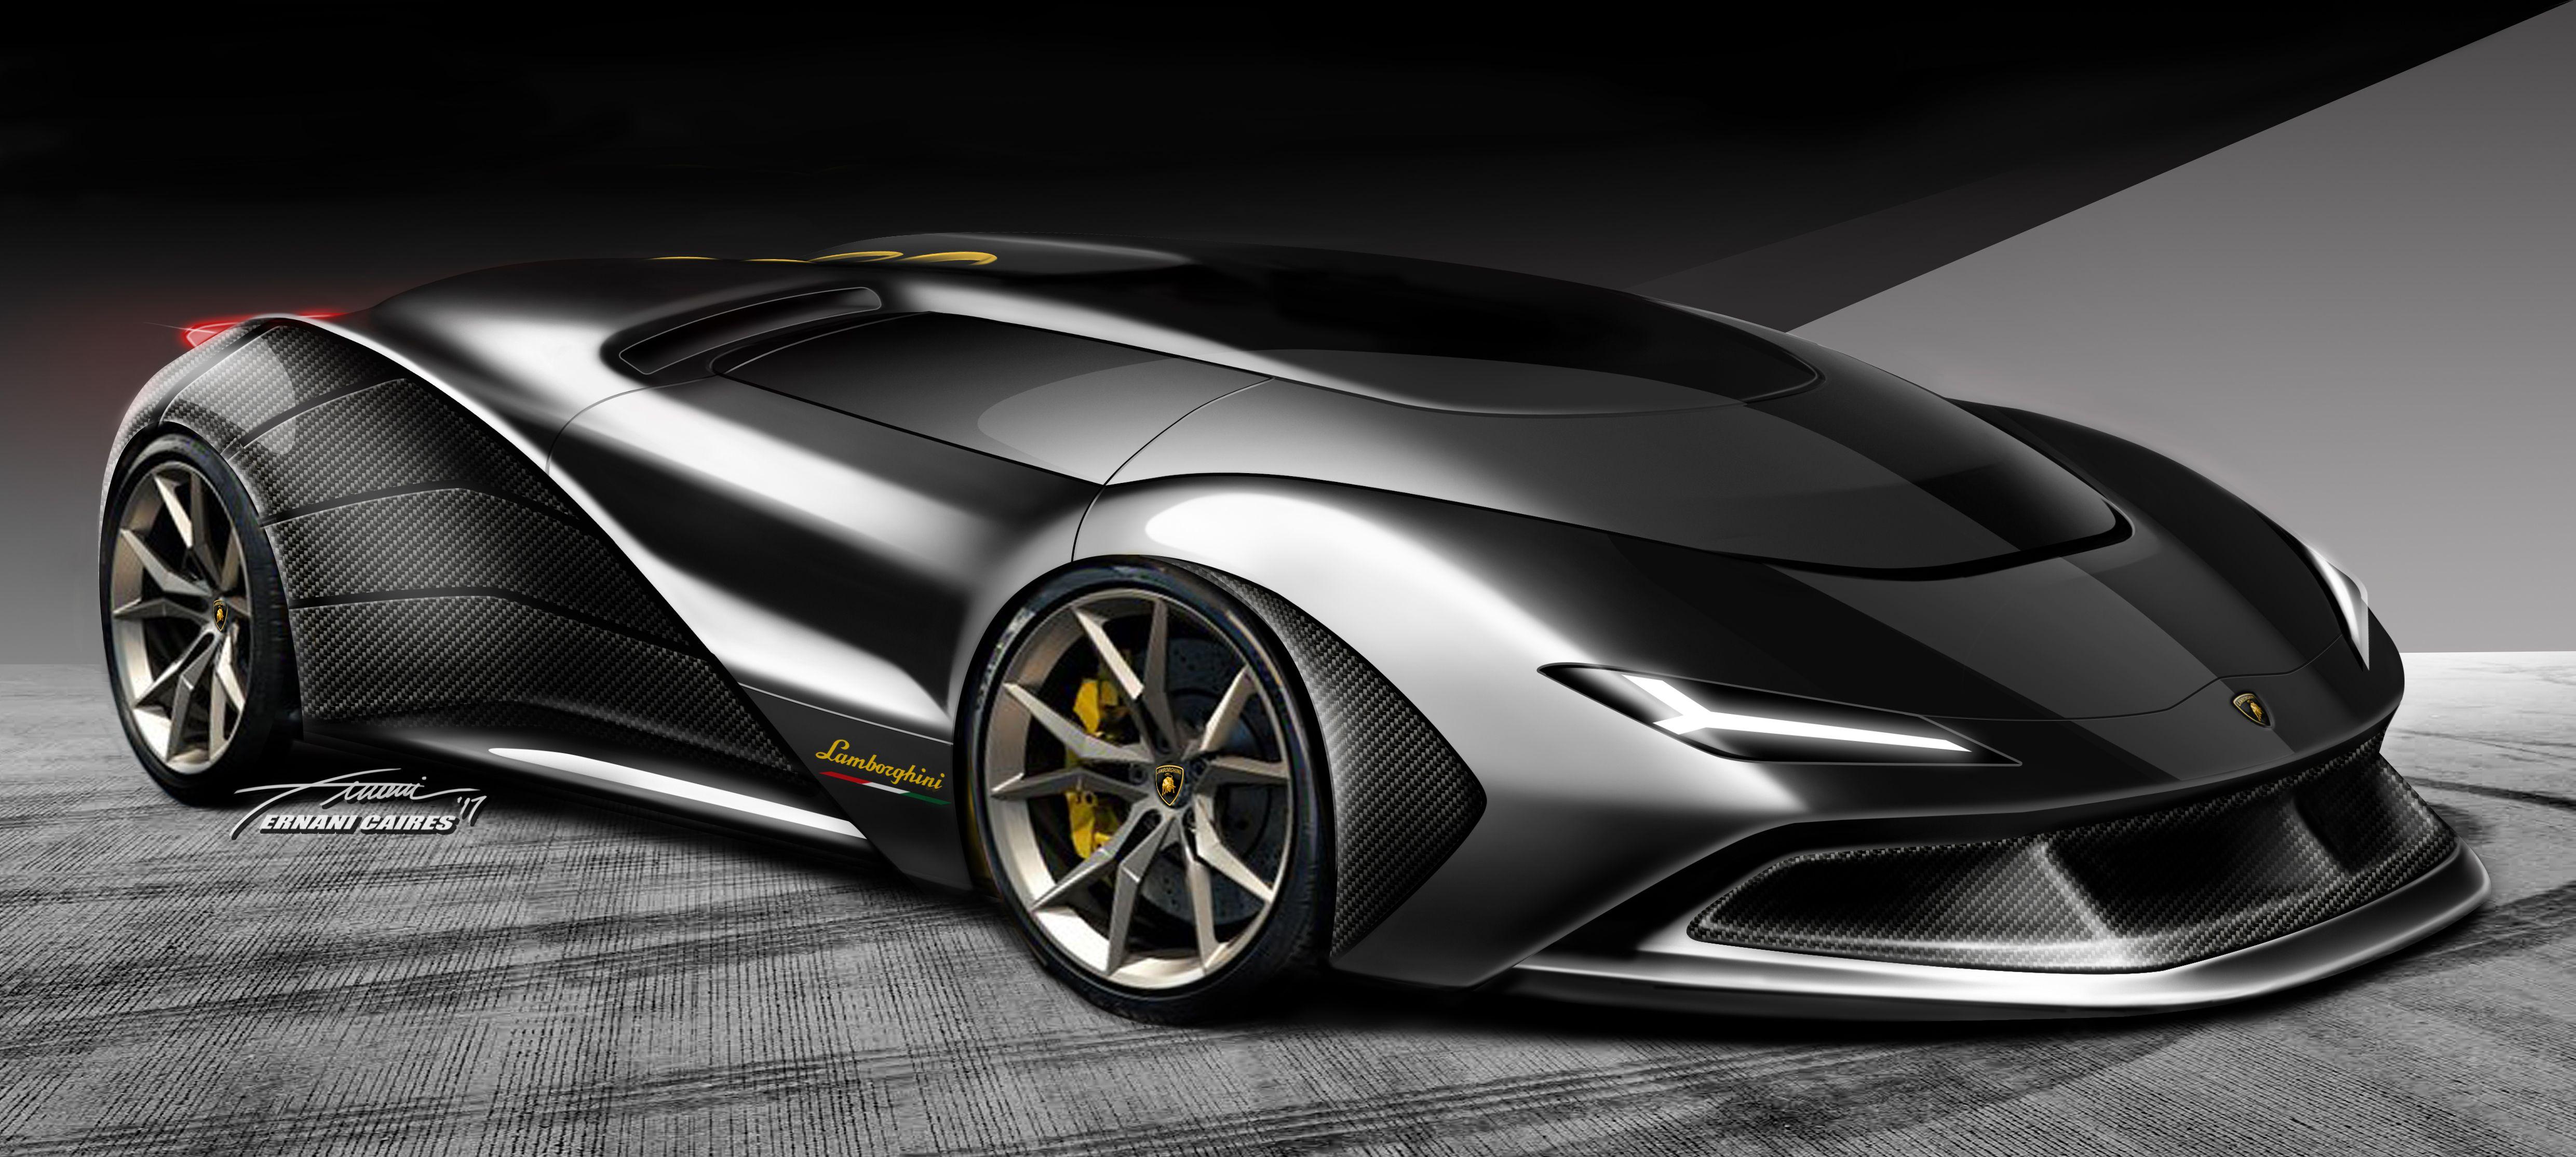 Lambo design by Ernani Caires Desenhos de carros